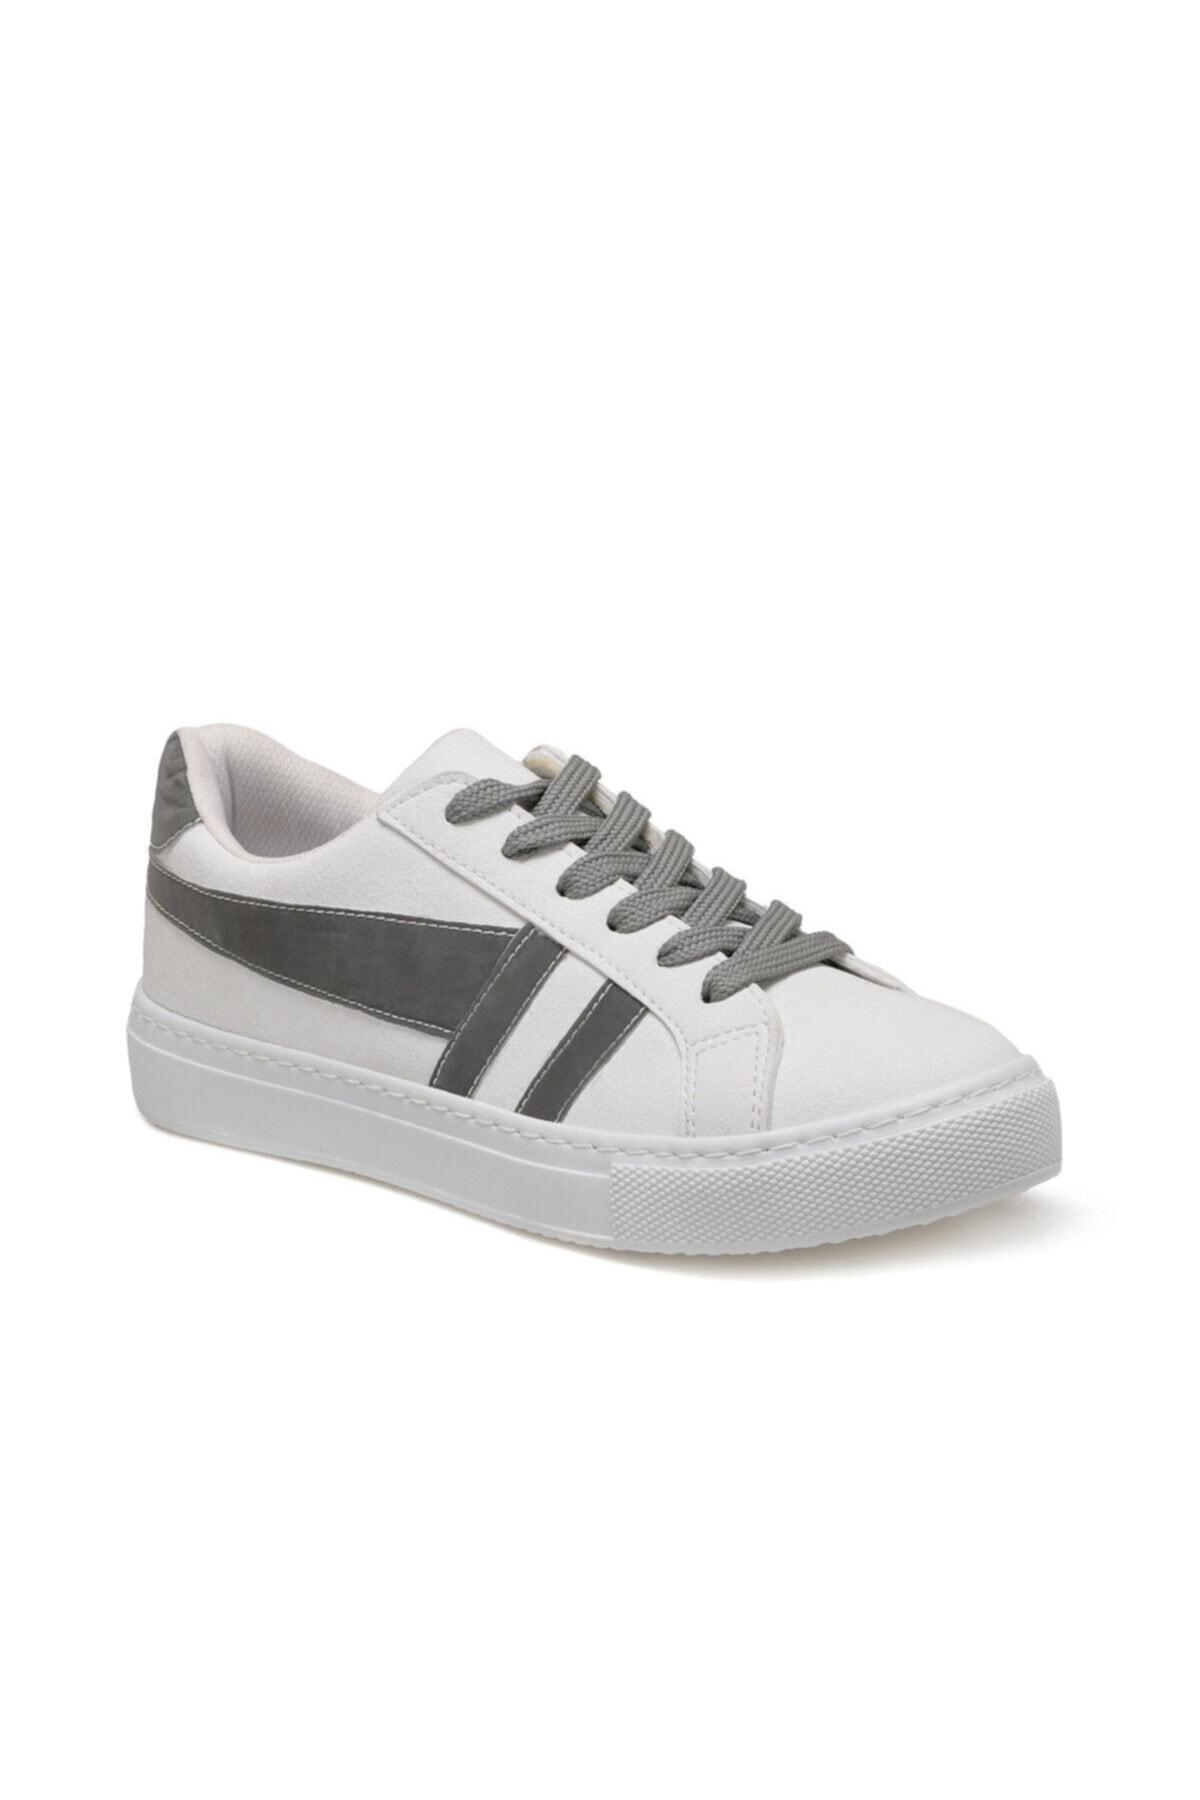 ART BELLA Cs20017 Beyaz Kadın Sneaker Ayakkabı 1